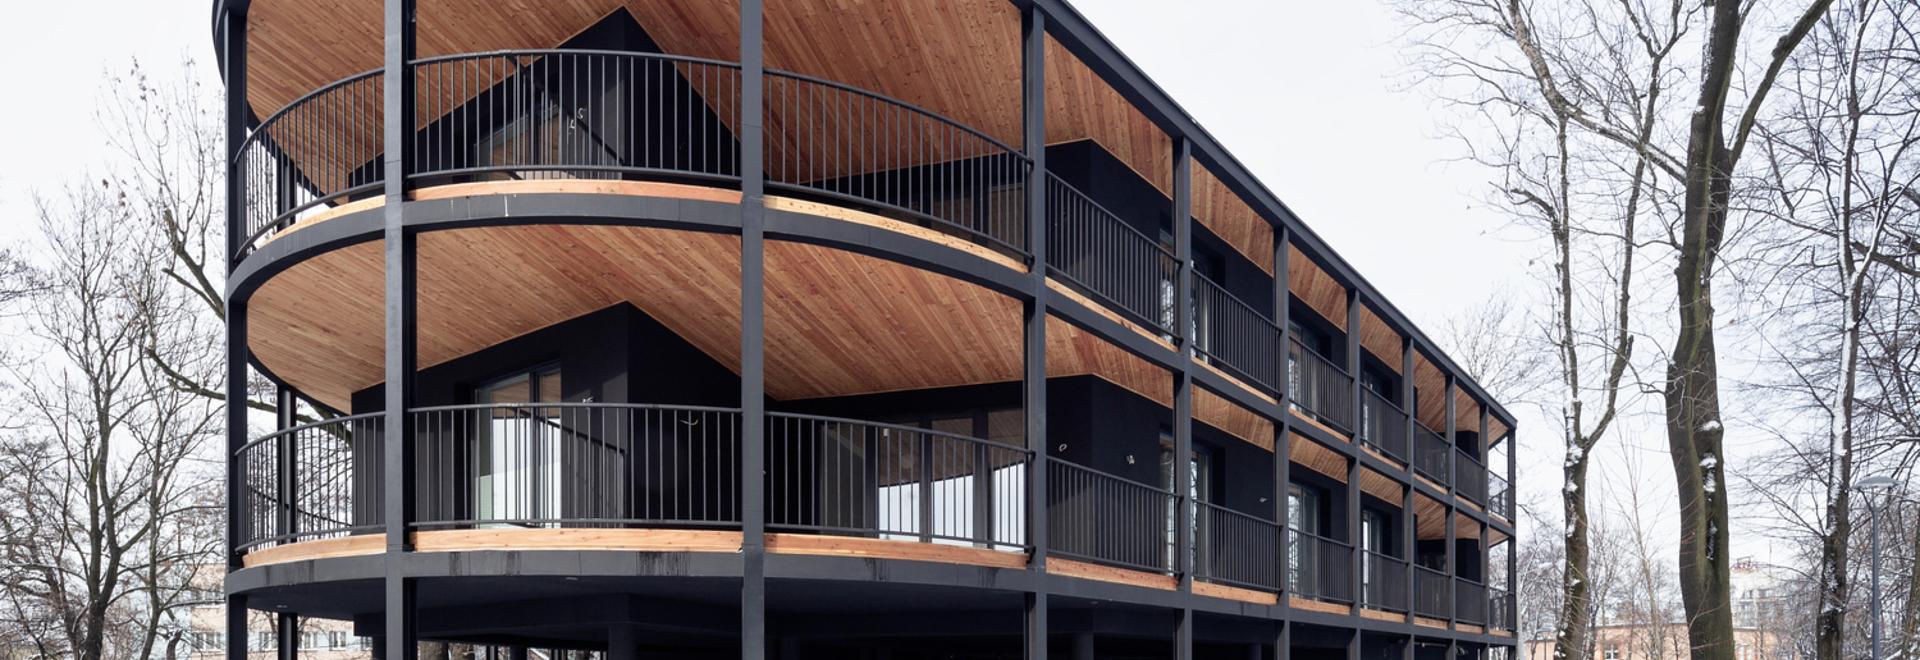 Apartamentos Villa Reden / Architekt Maciej Franta